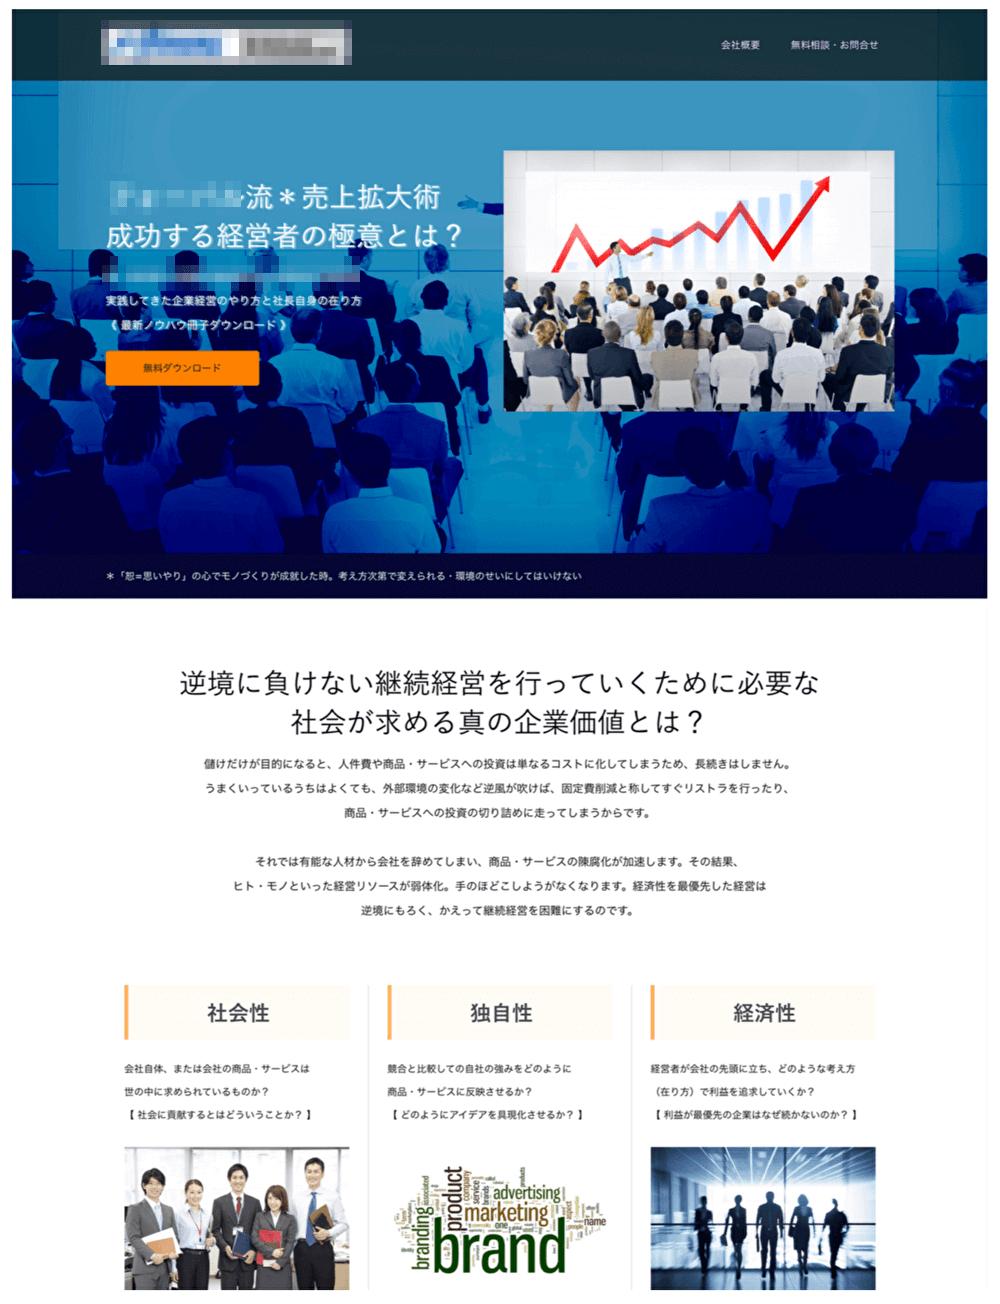 経営者向け冊子ダウンロードLP【売上アップ】1